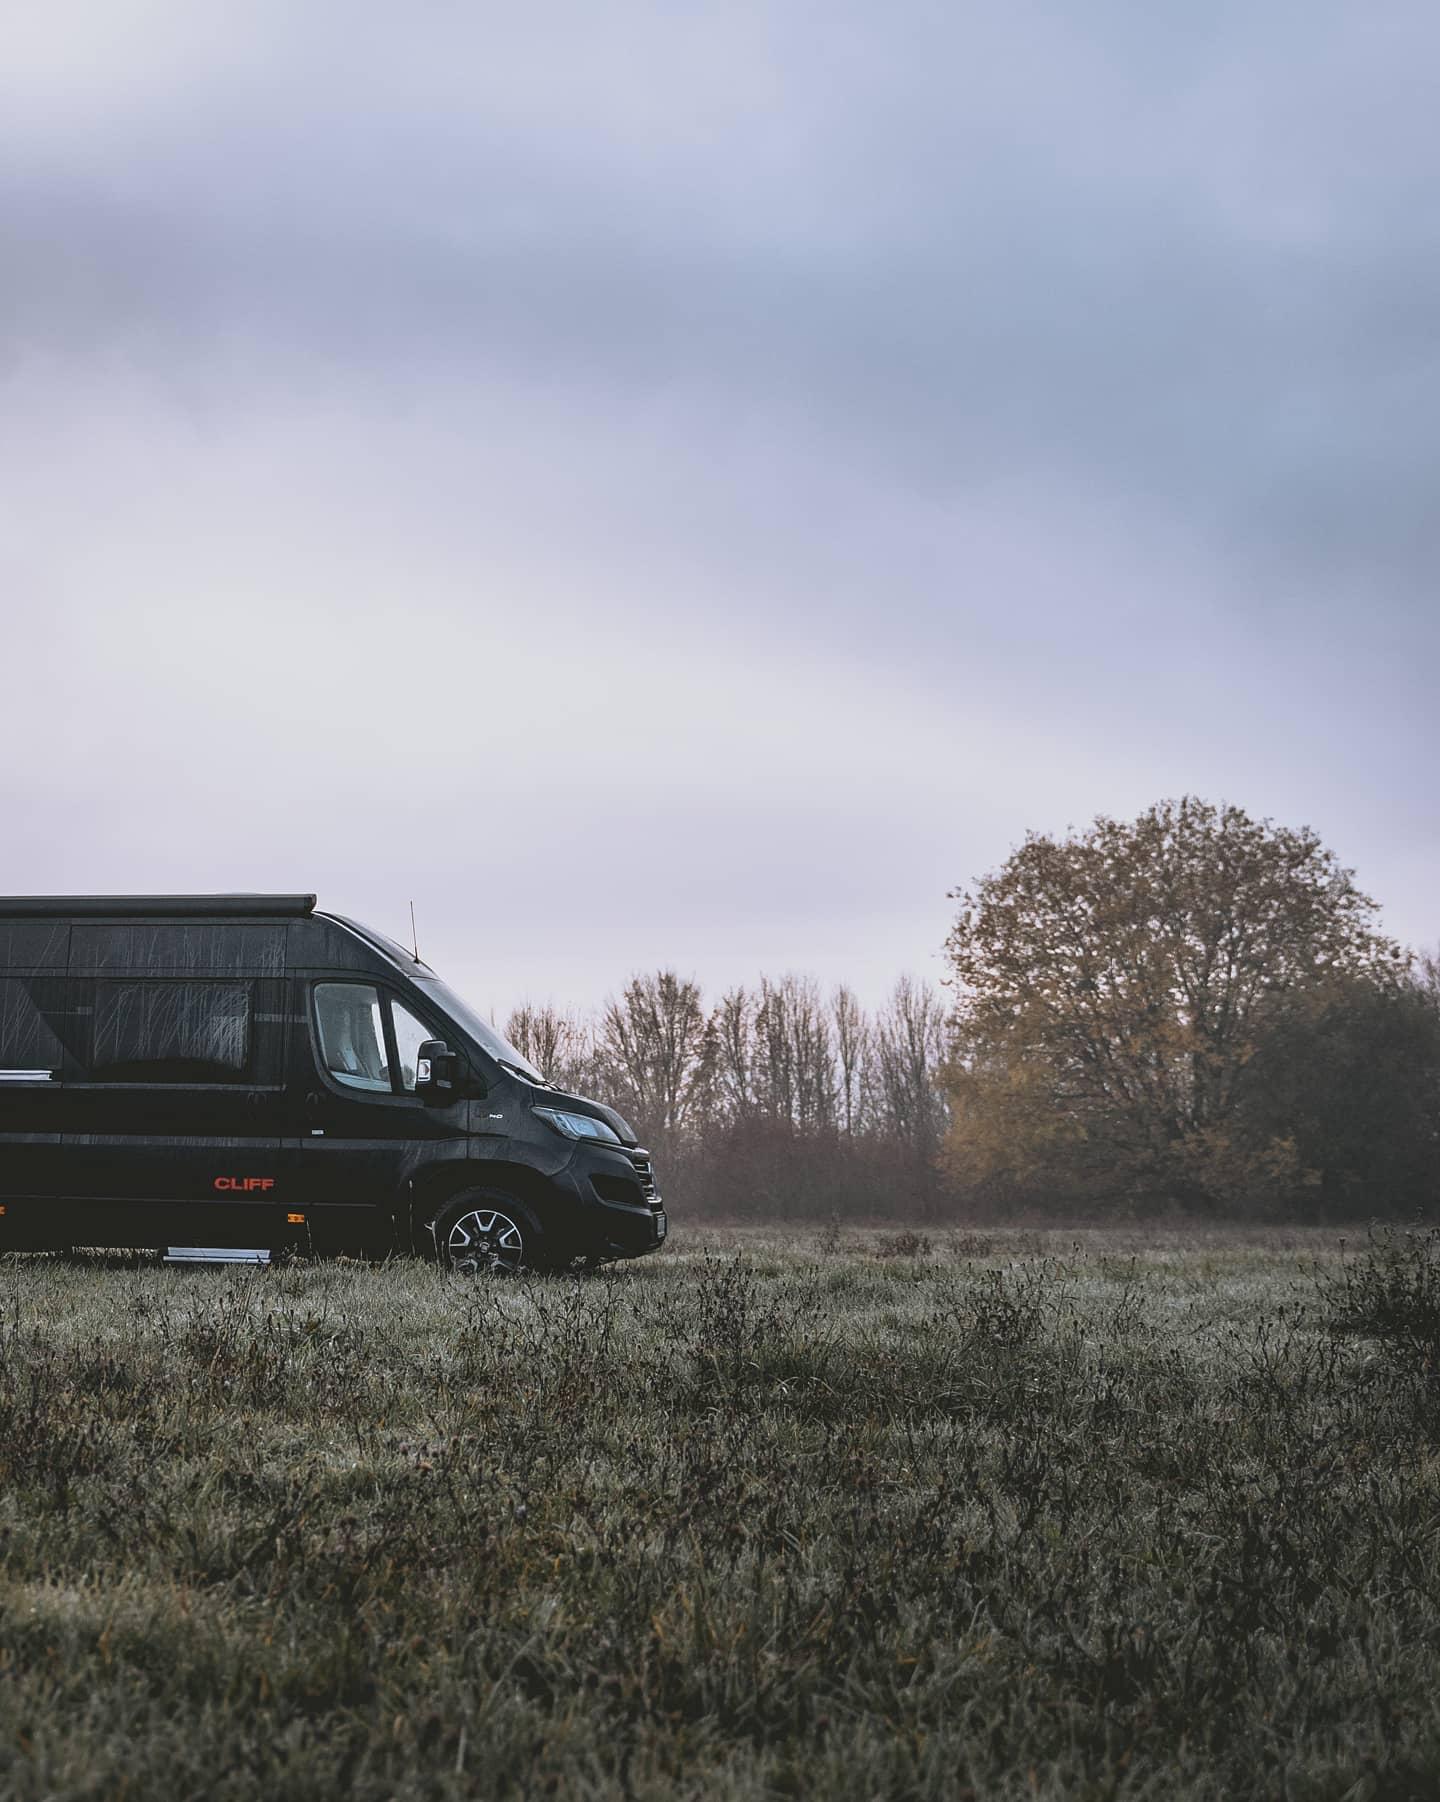 Sunlight-Cliff-640-XV-vanconversion-wohnmobil-ausbau-kaufen-reisen-6